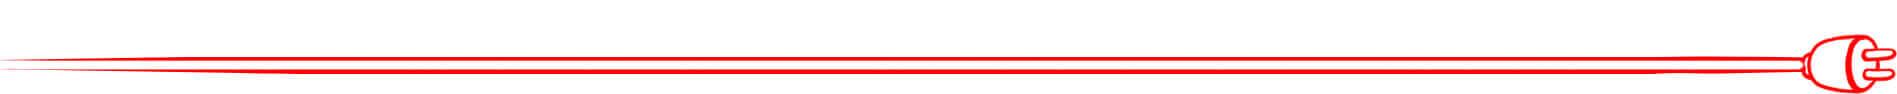 Strompreis Vergleich - Kapiteltrenner rot unten